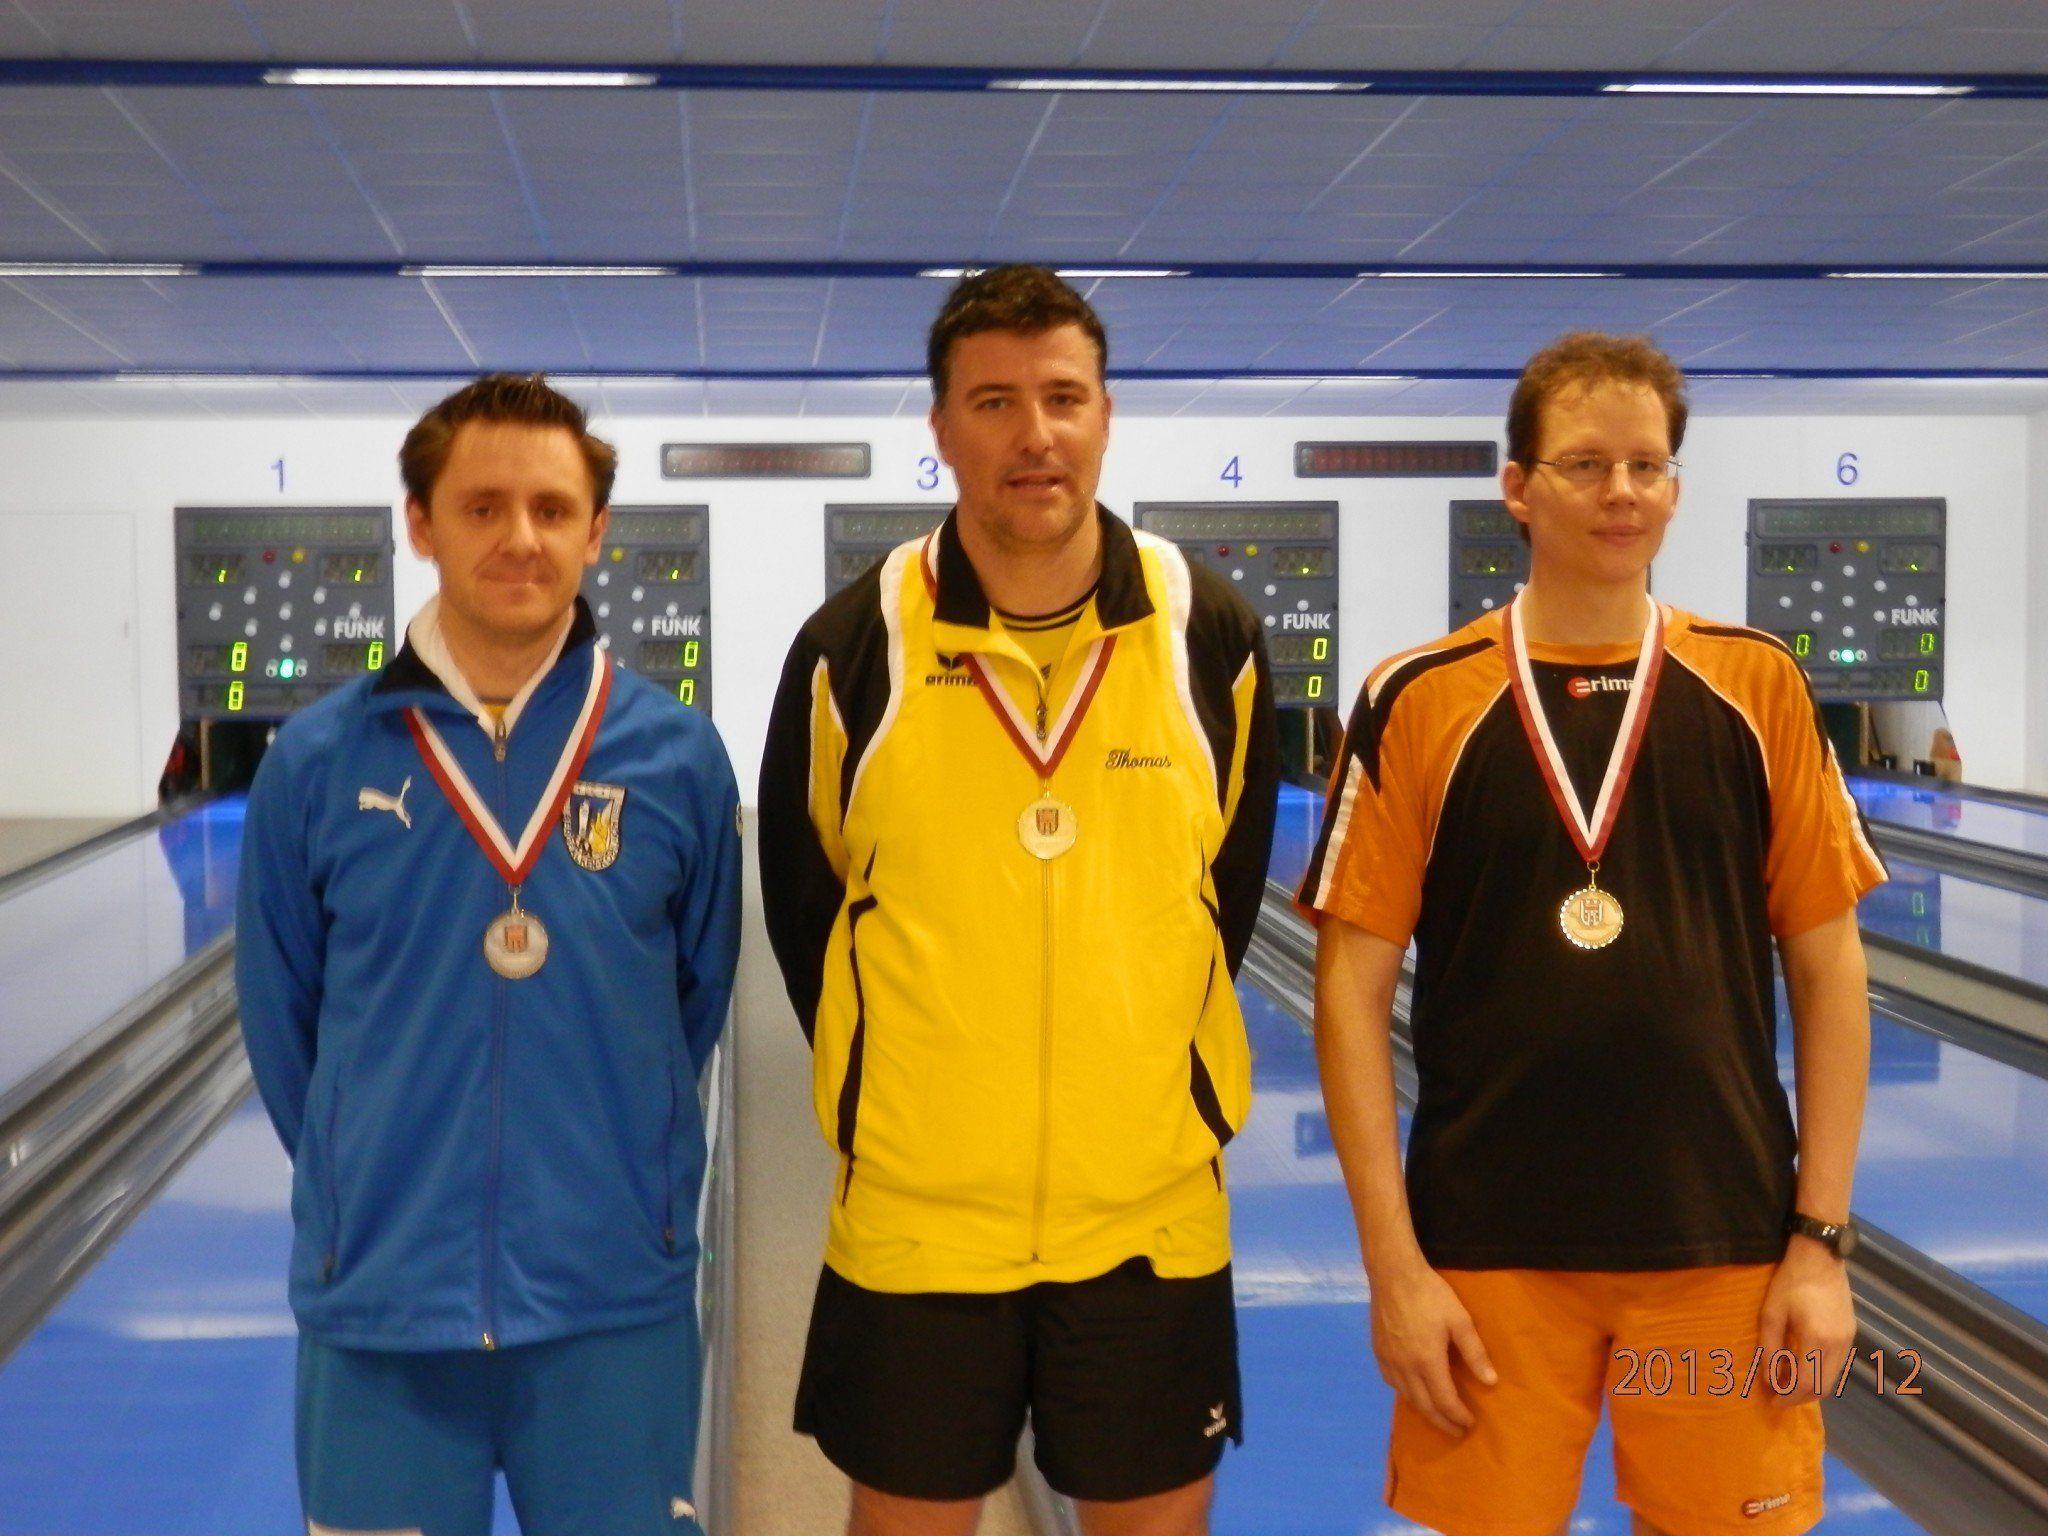 Die neuen Einzel-Champion auf Landesebene der Sportkegler wurden gekürt.